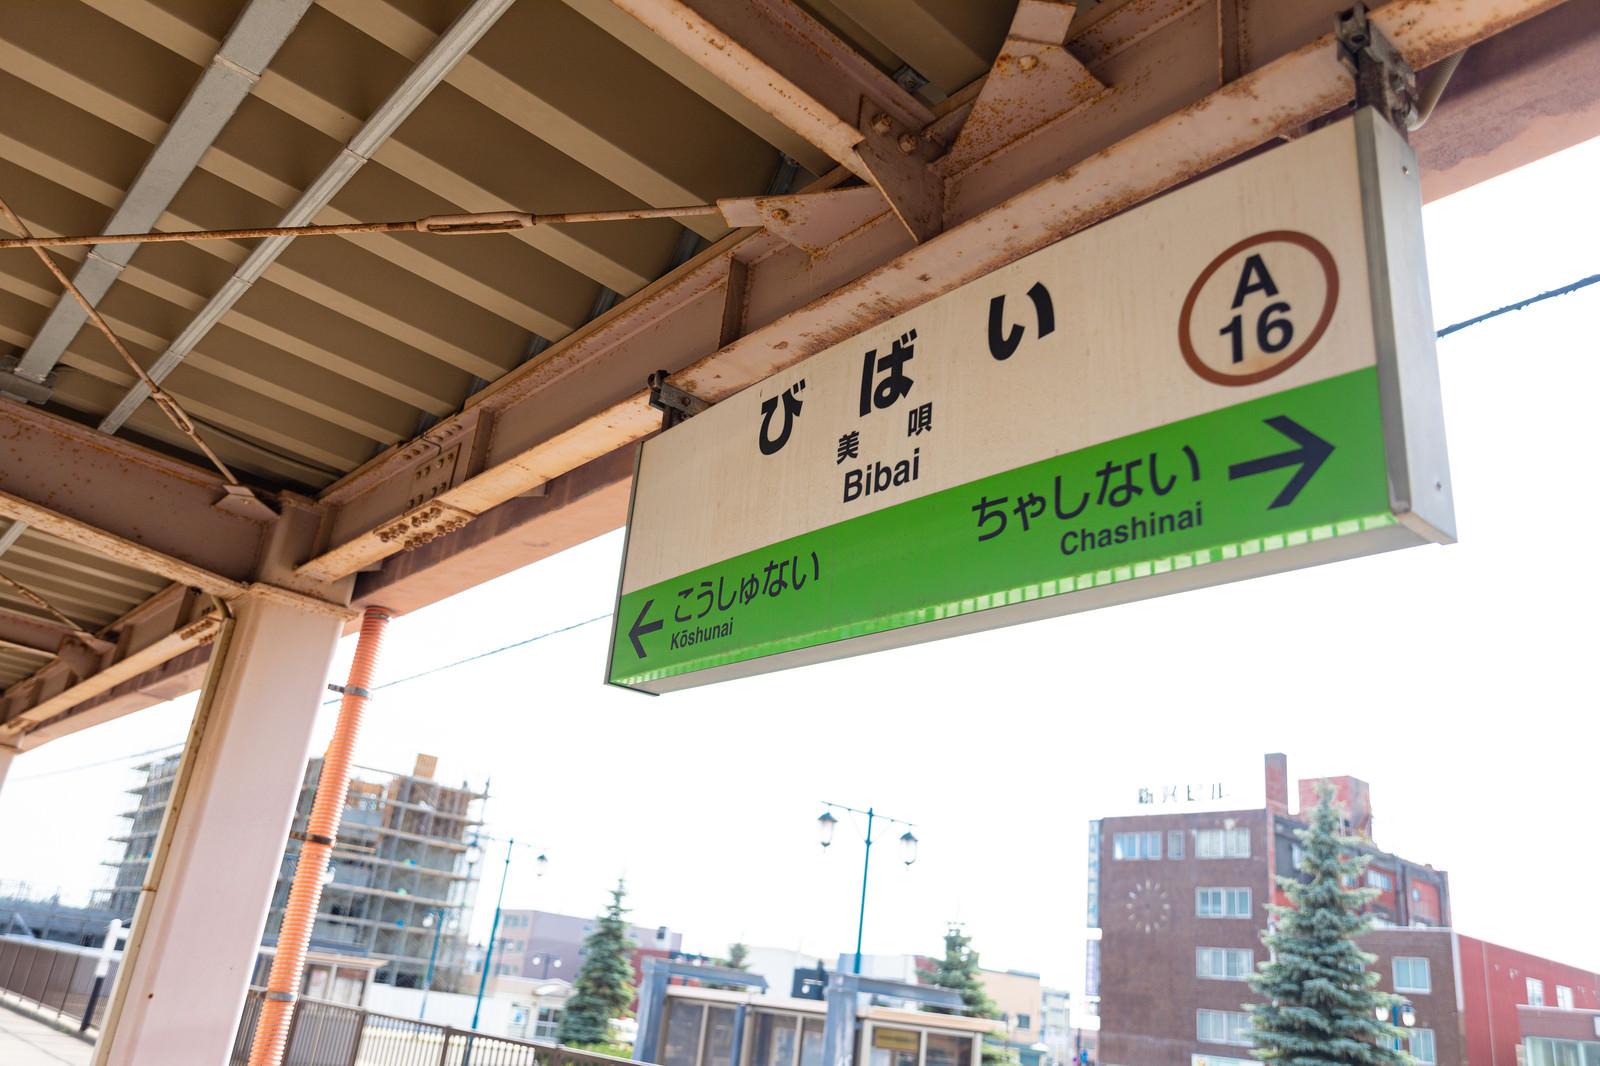 「びばい駅」の写真